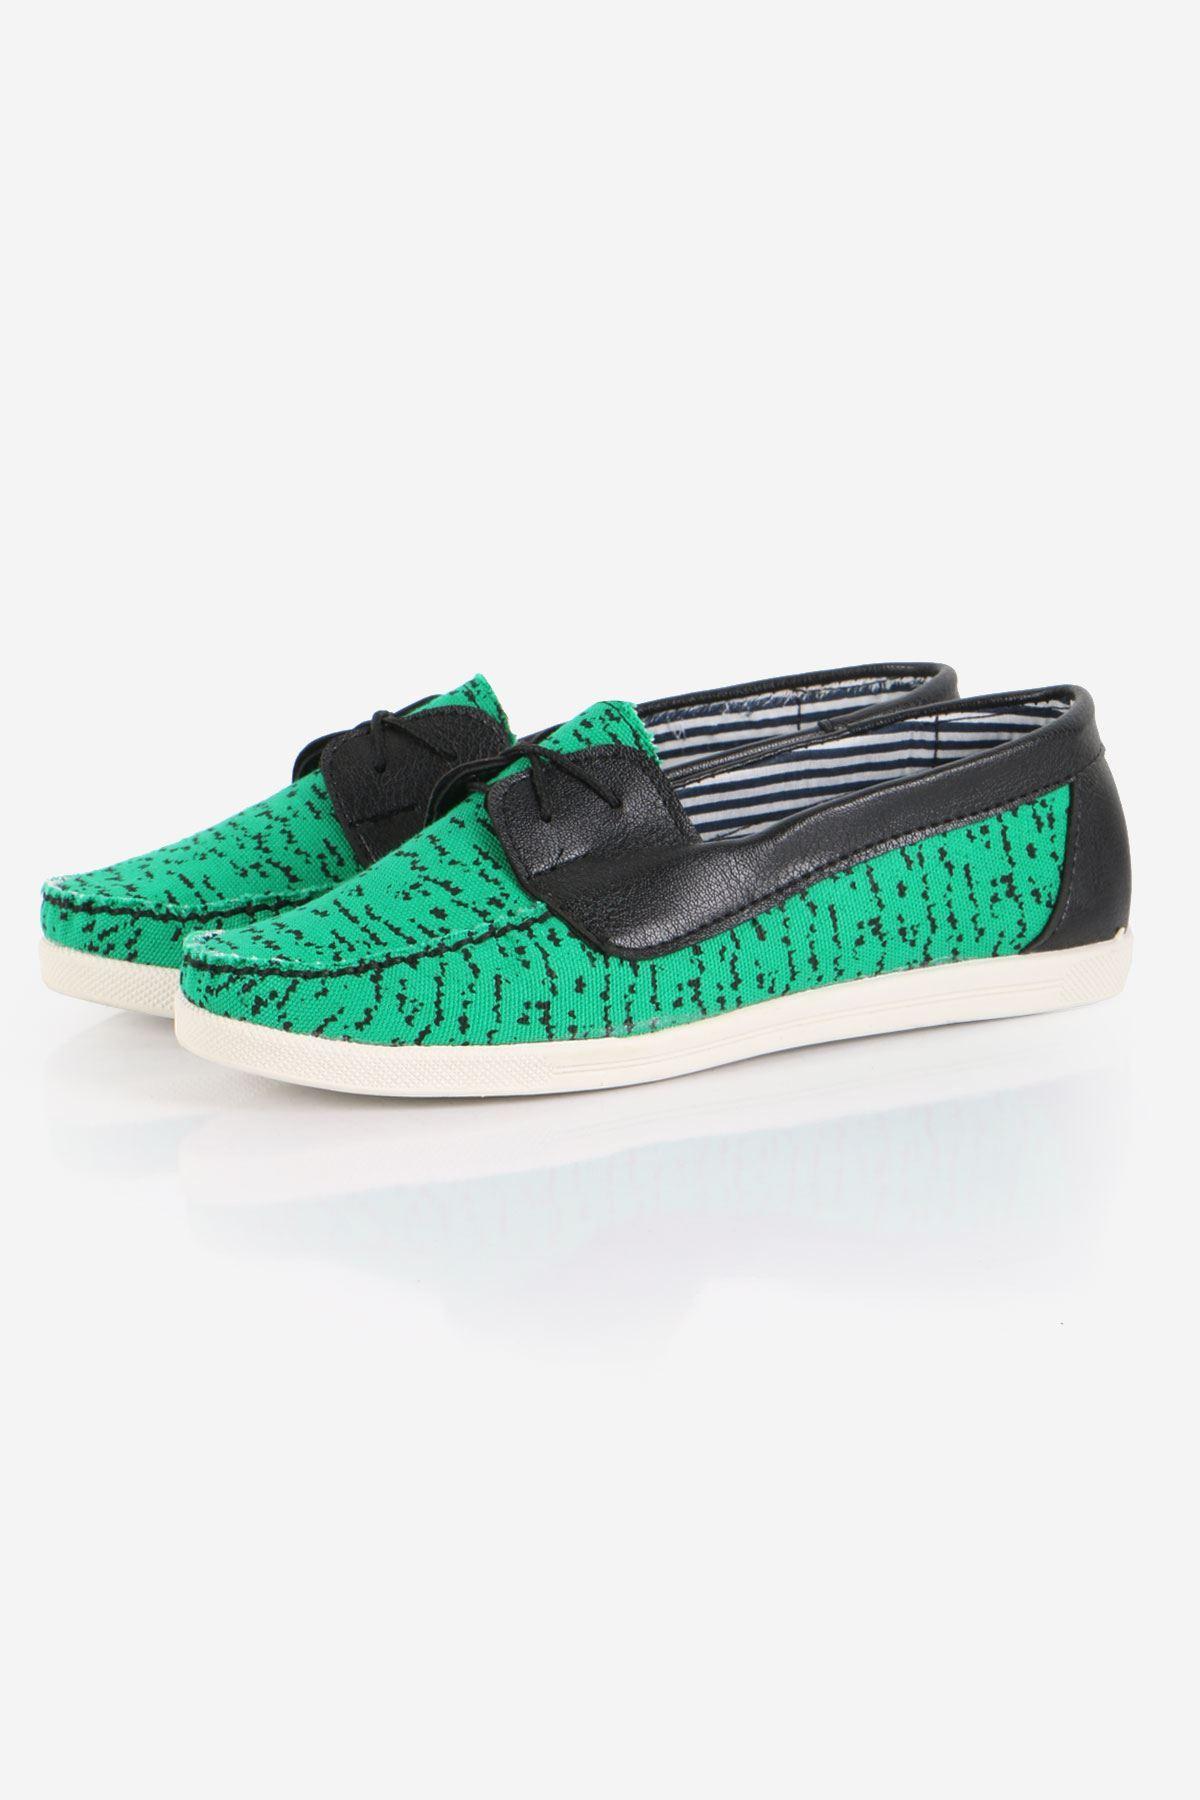 Yeşil Bağcıklı Bayan Ayakkabı